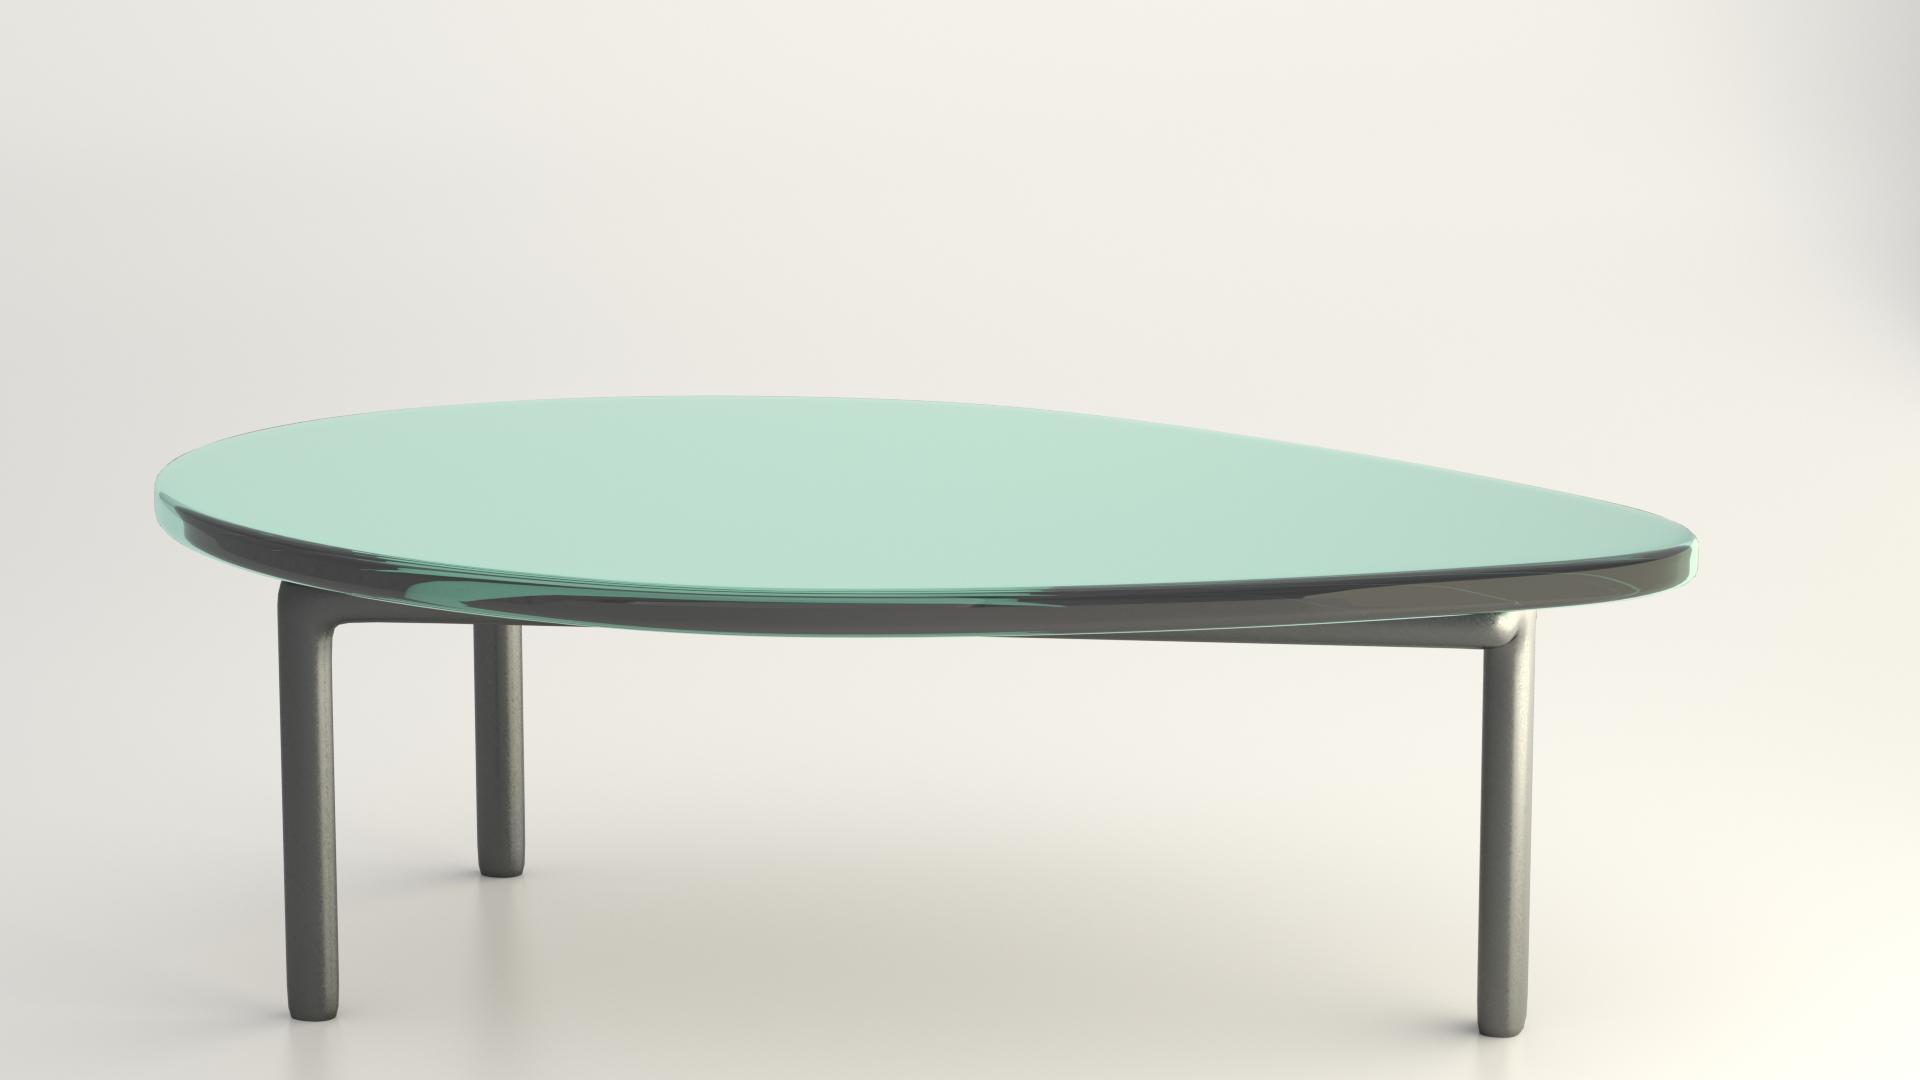 Table No. 94